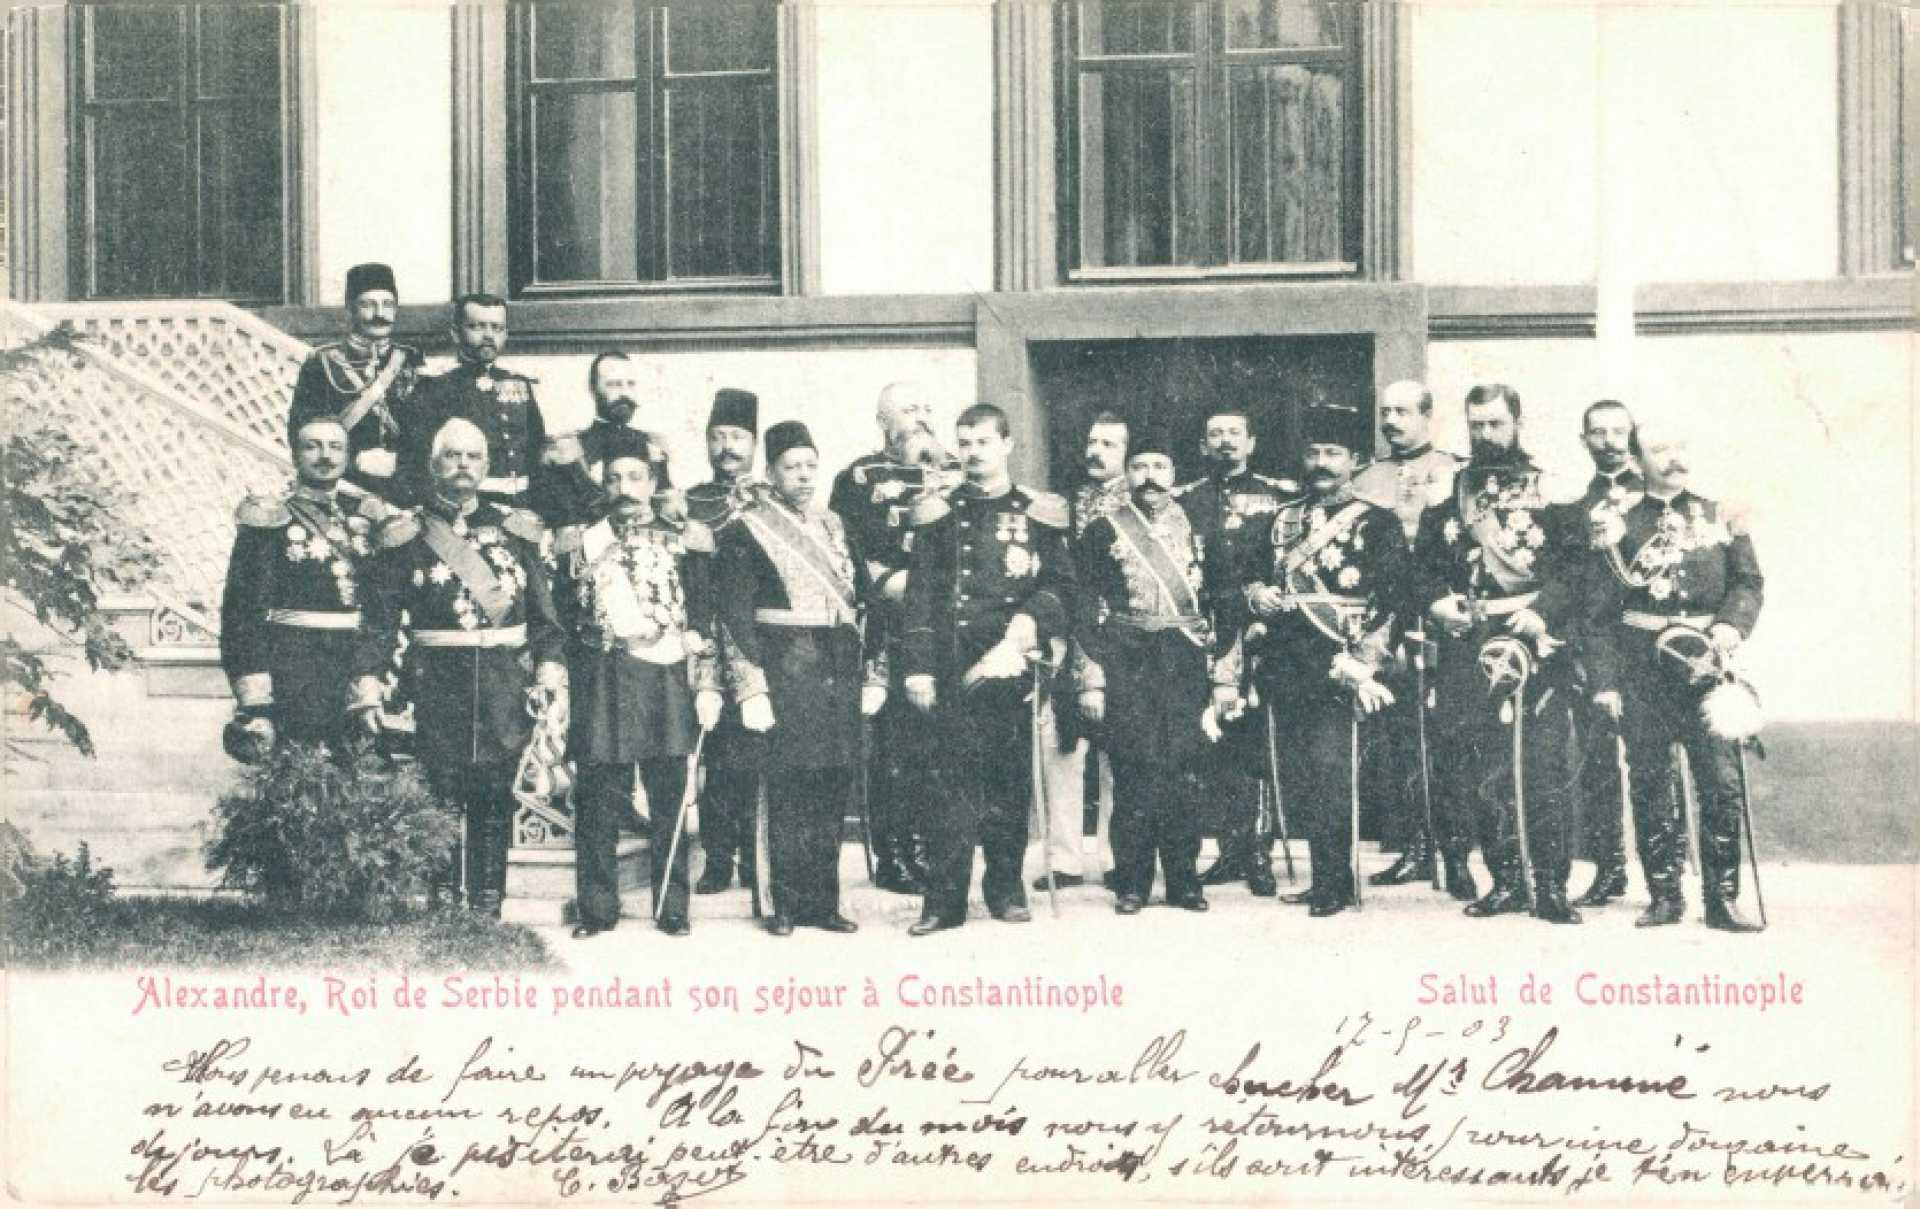 Alexandre. Roi de Serbie pendant son sejour a Constantinople